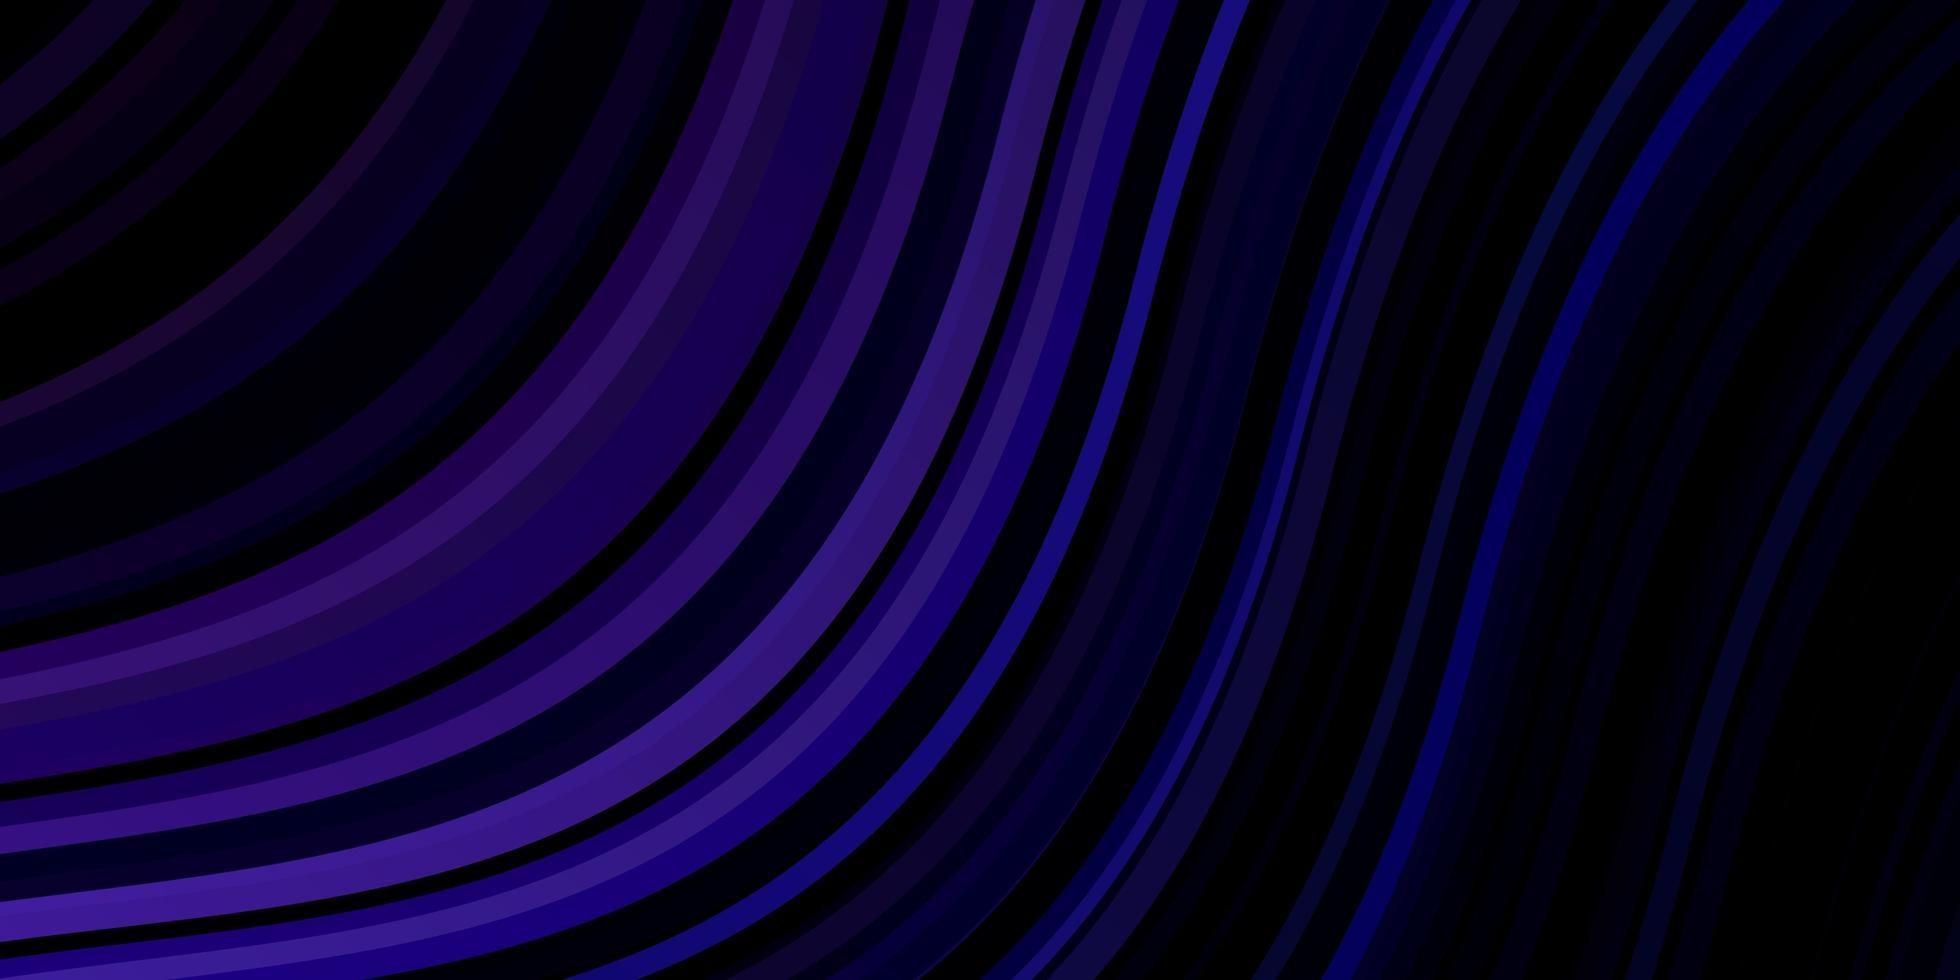 fond de vecteur rose foncé, bleu avec des courbes.